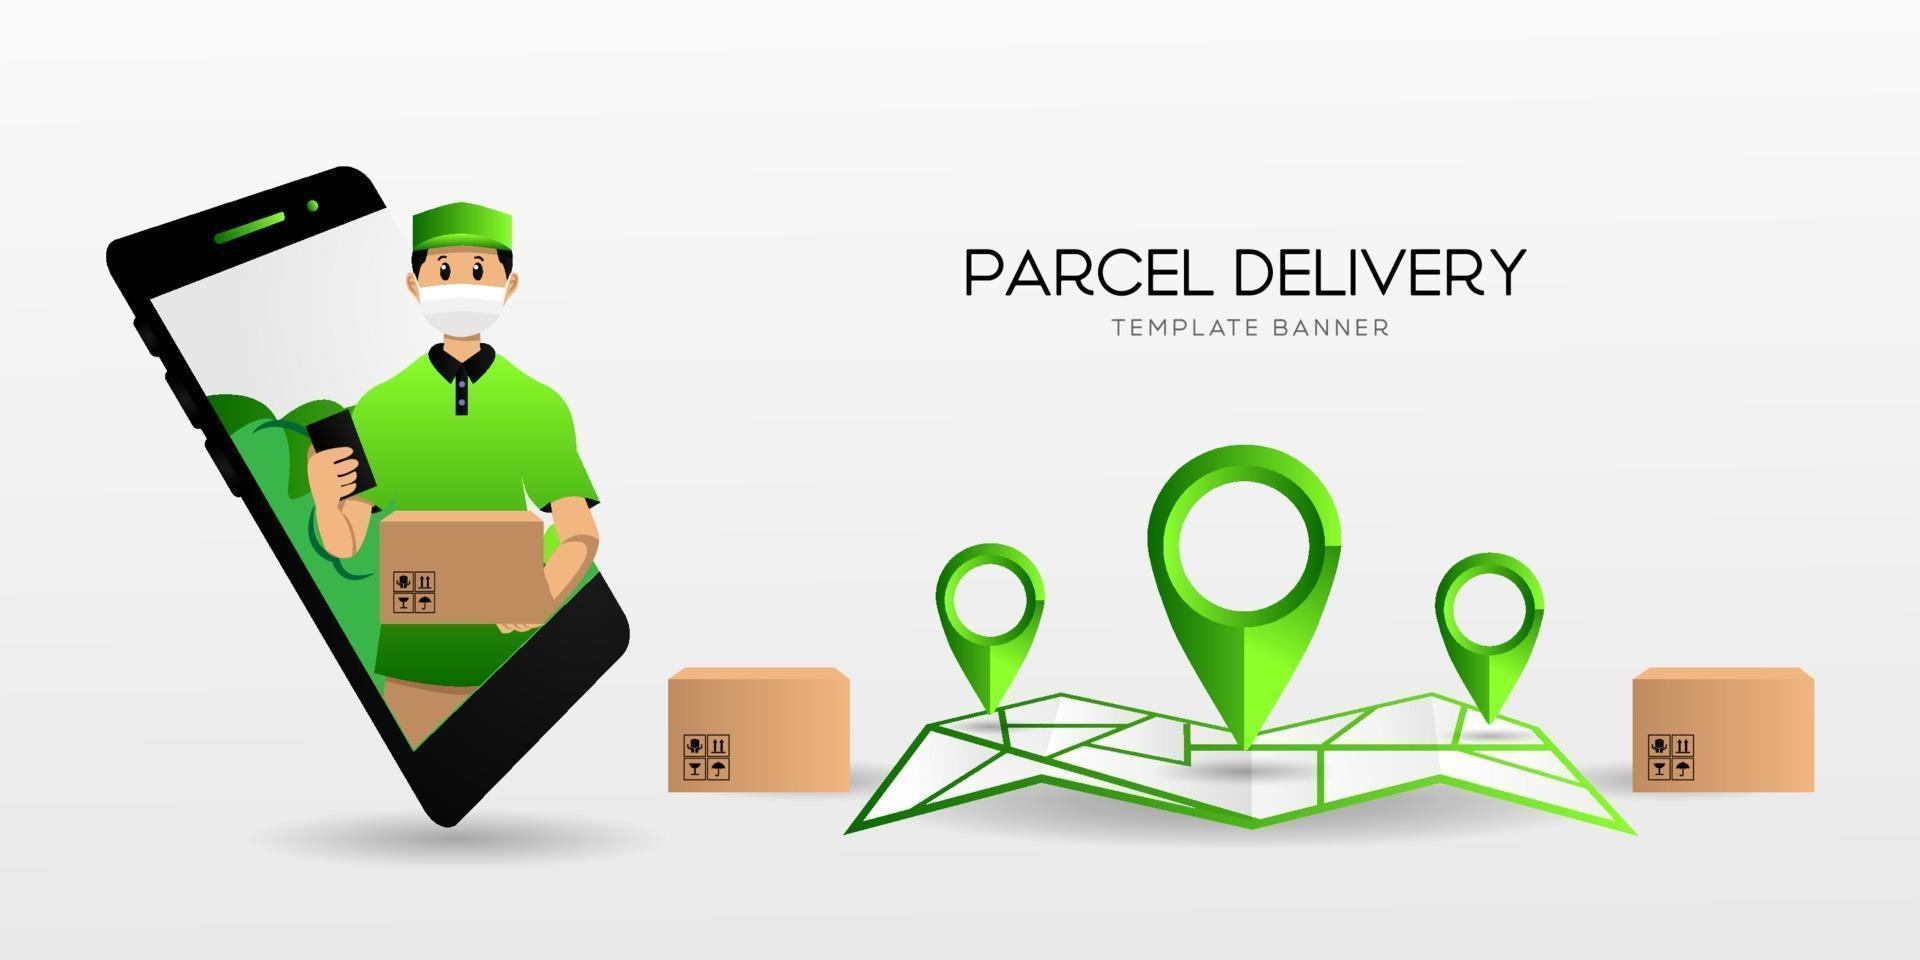 paketleverans banner mall vektor